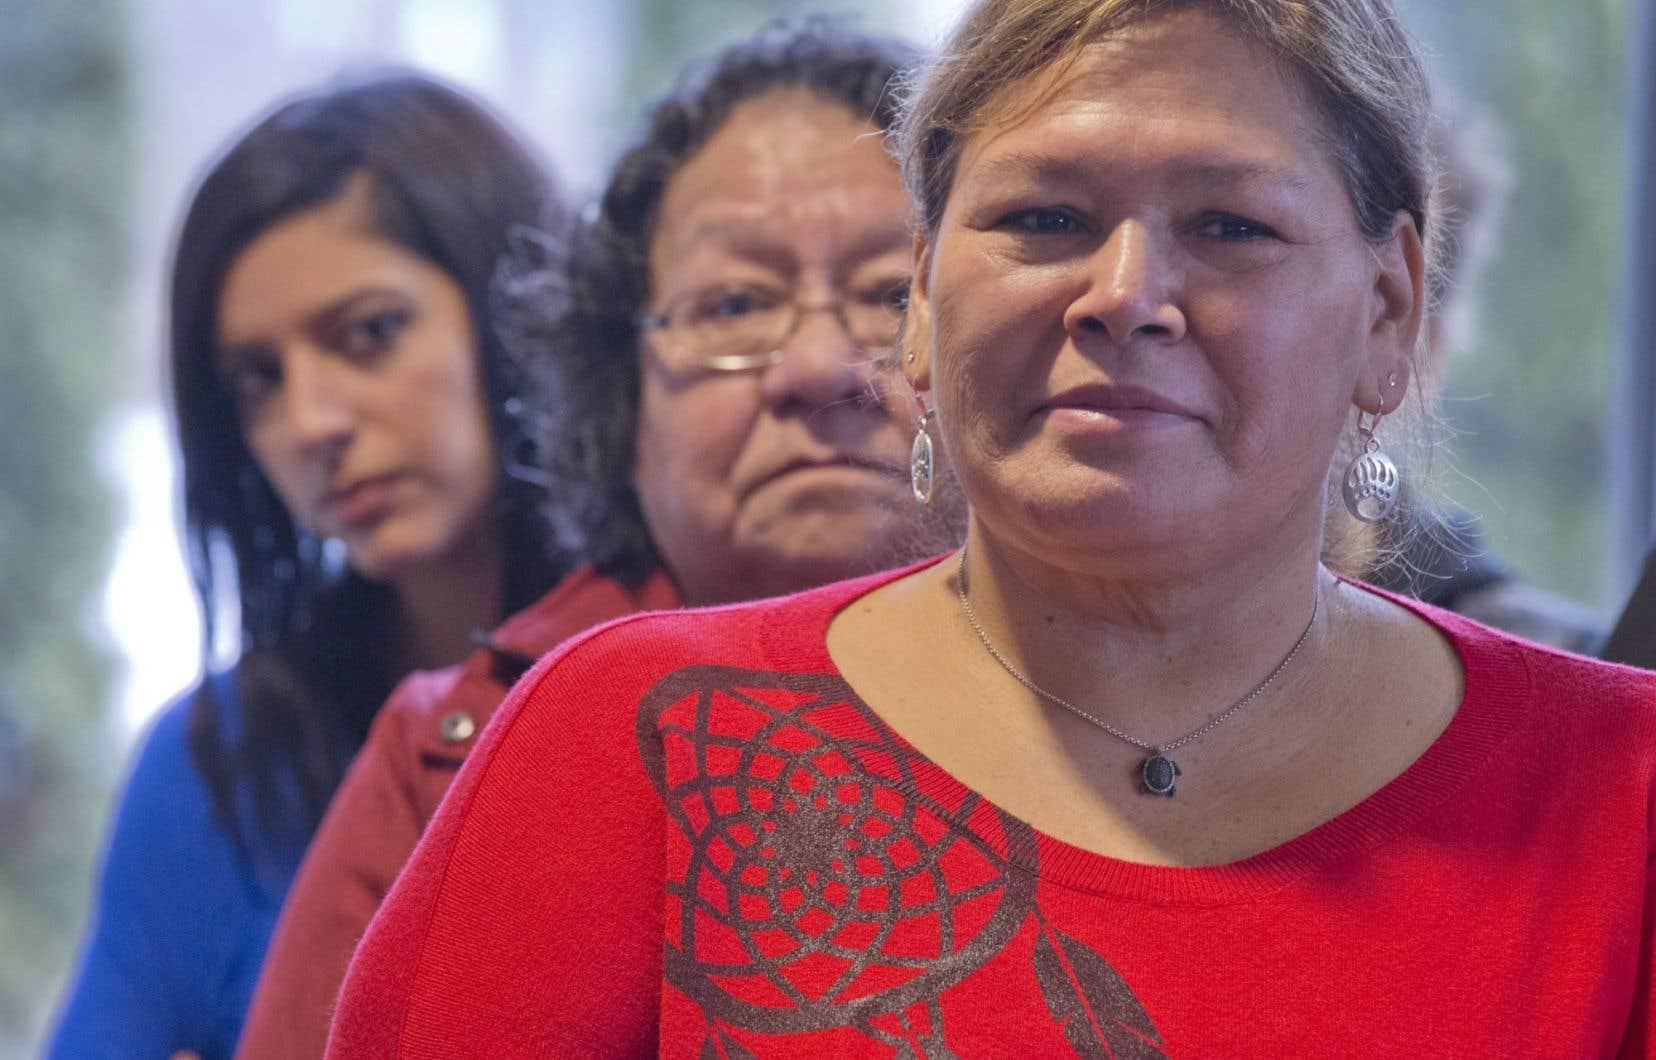 Les enquêtes se font toujours en anglais, souligne la présidente de Femmes autochtones du Québec, Viviane Michel (premier plan), une Innue de Maliotenam, où la langue seconde est le français.